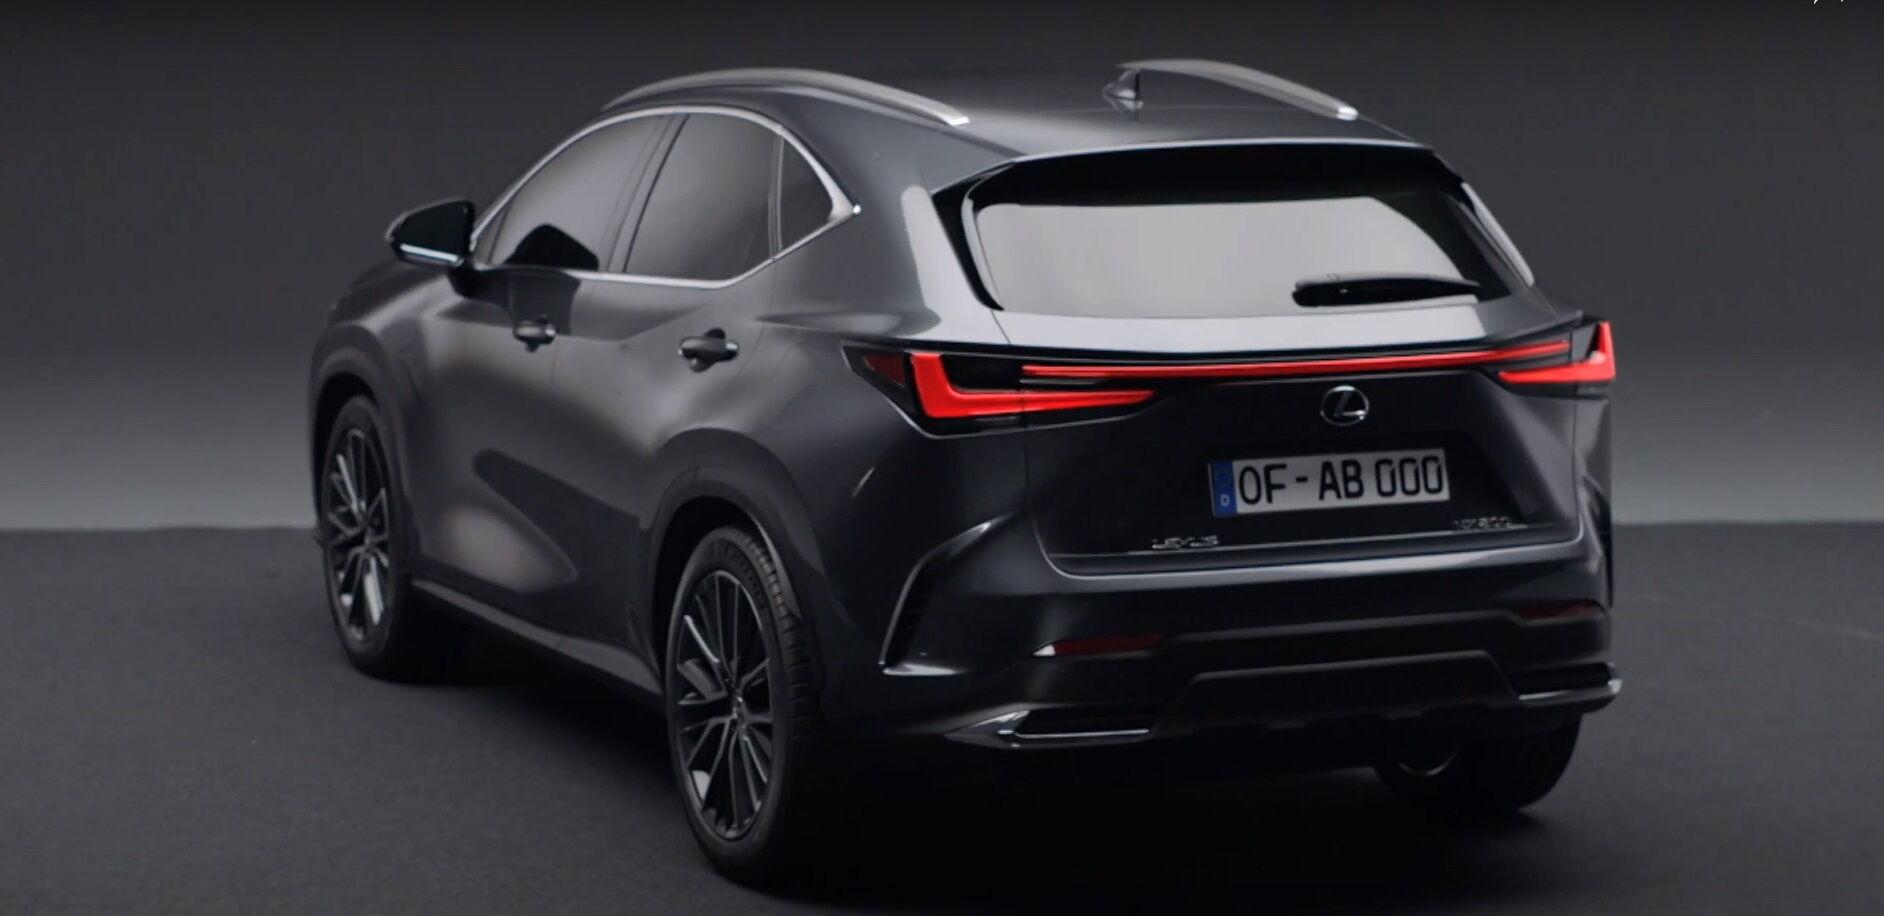 Очікується, що новий Lexus NX отримає гібридну силову установку PHEV